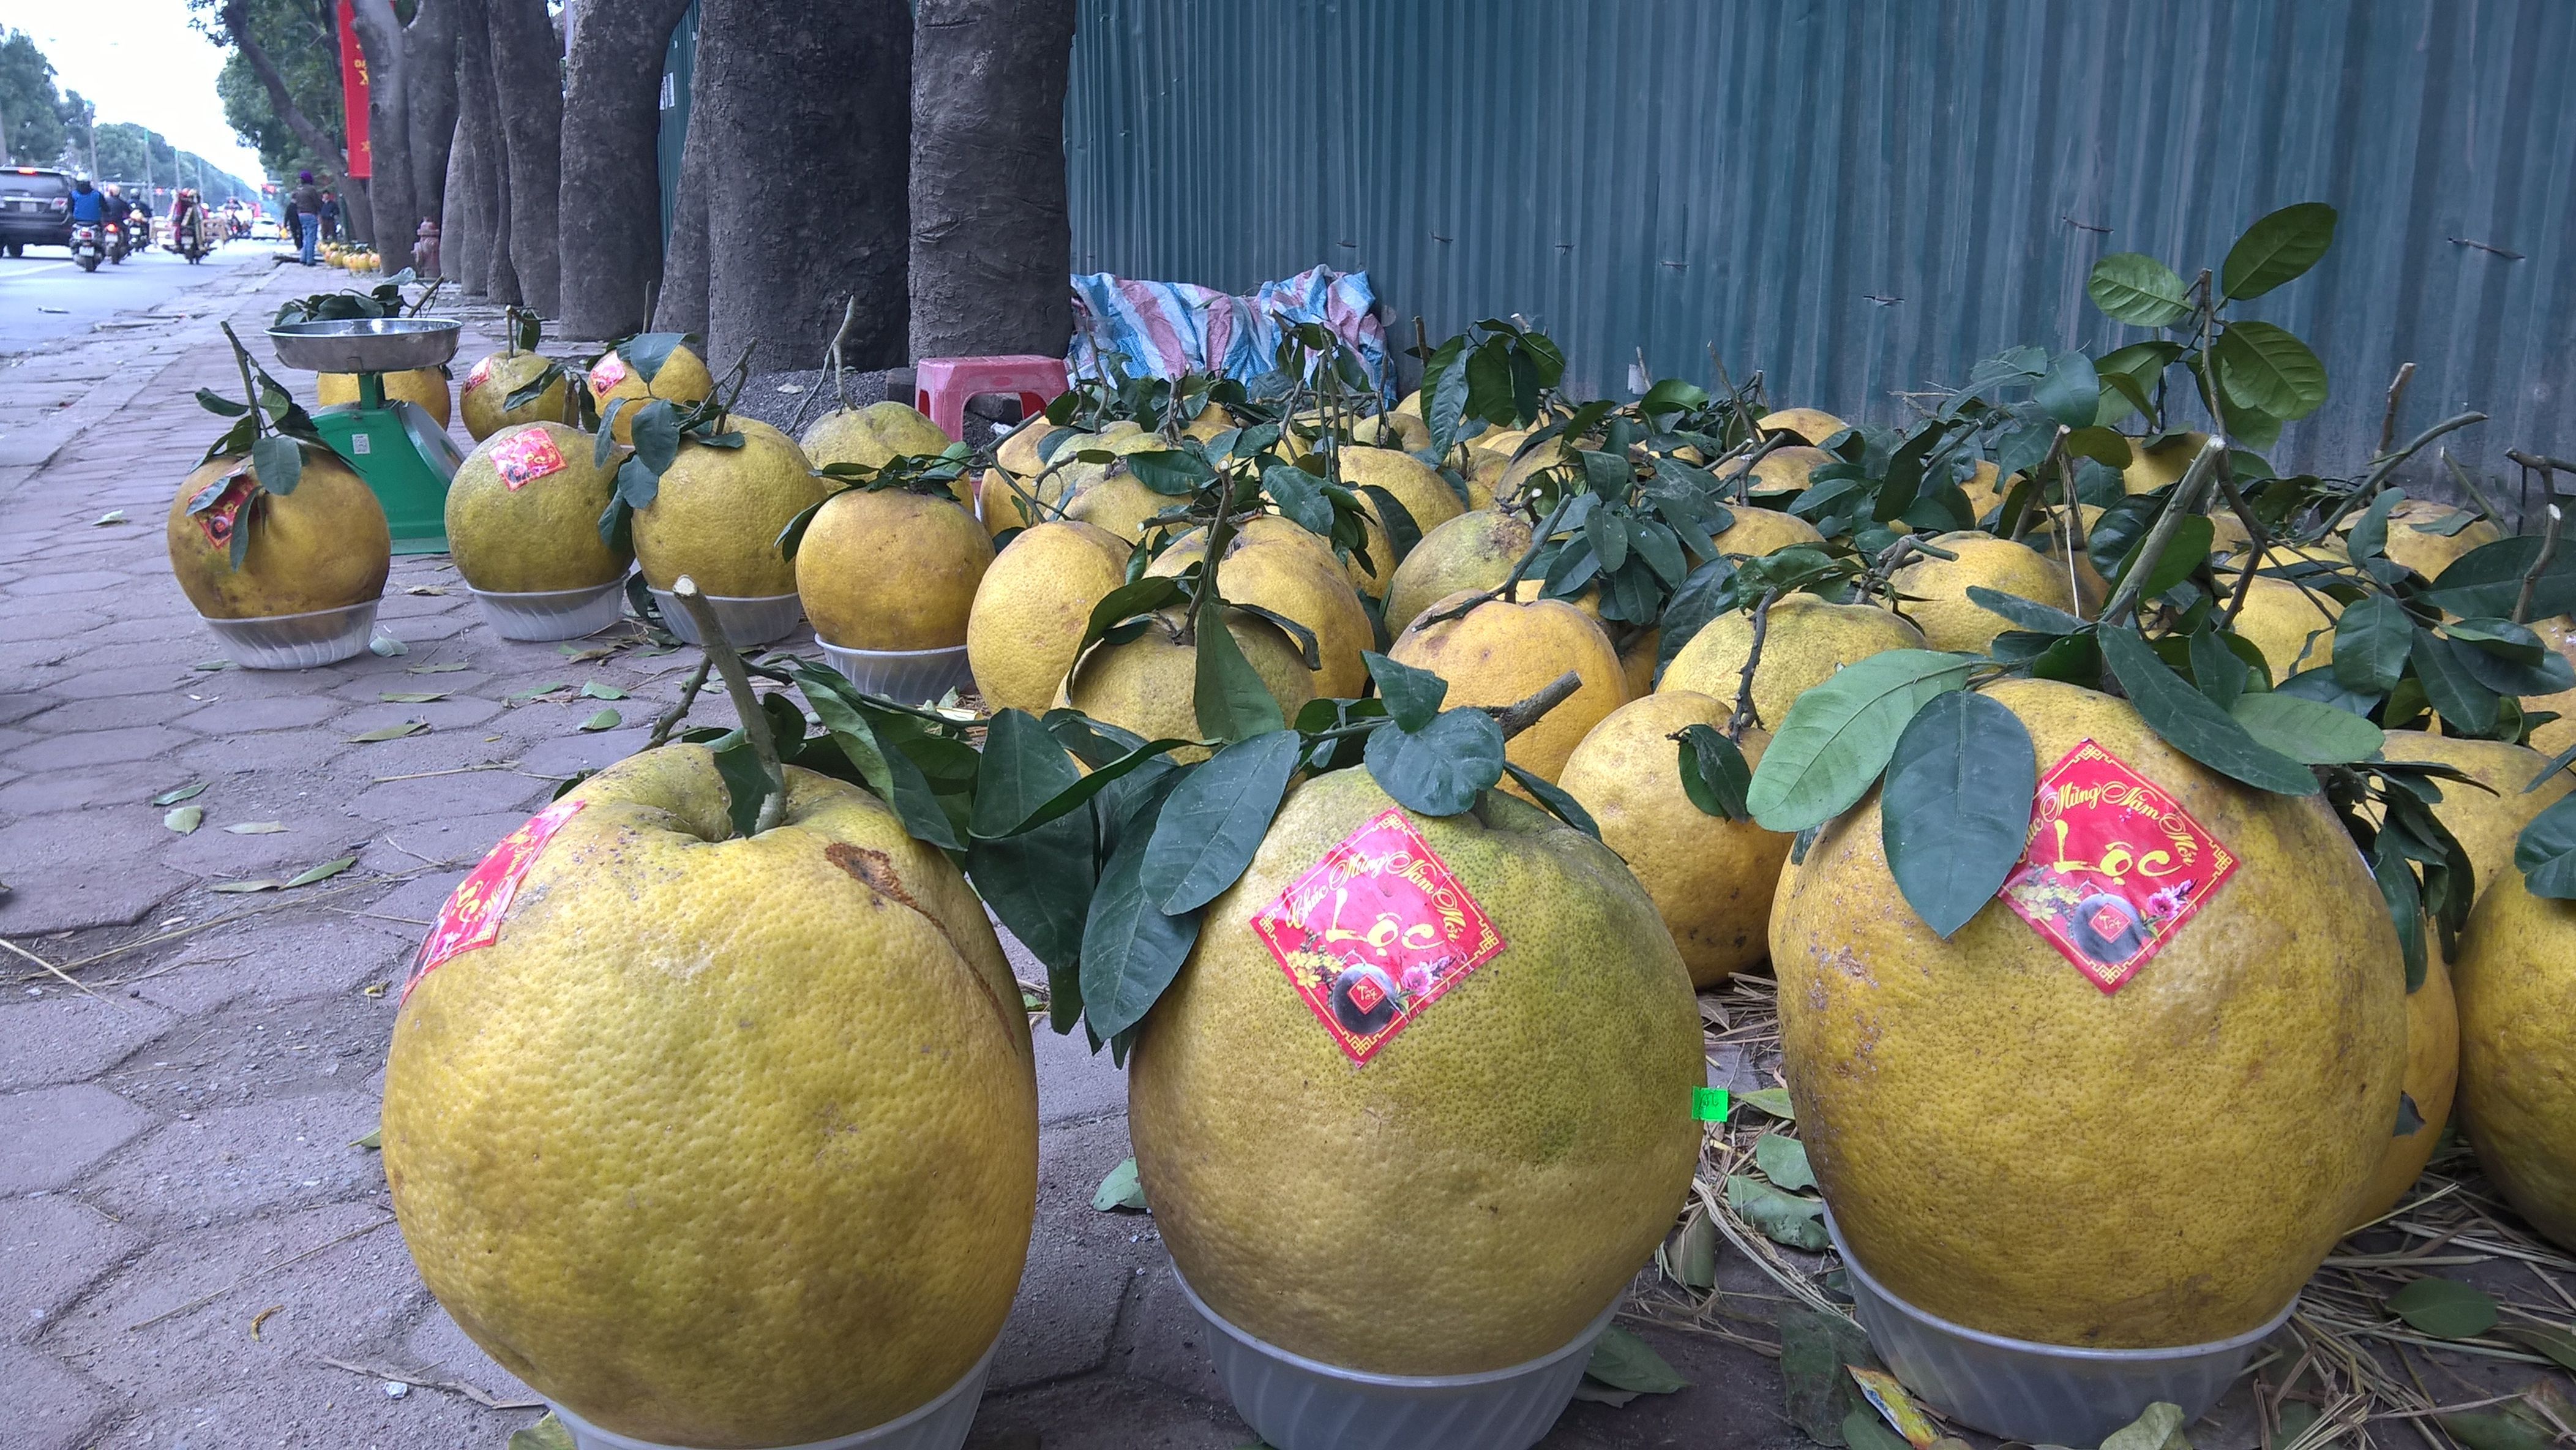 Loại bưởi nằm lăn lóc như lợn con tại vỉa hè Hà Nội. Khá nhiều người bán bưởi này dọc tuyến đường Phạm Văn Đồng